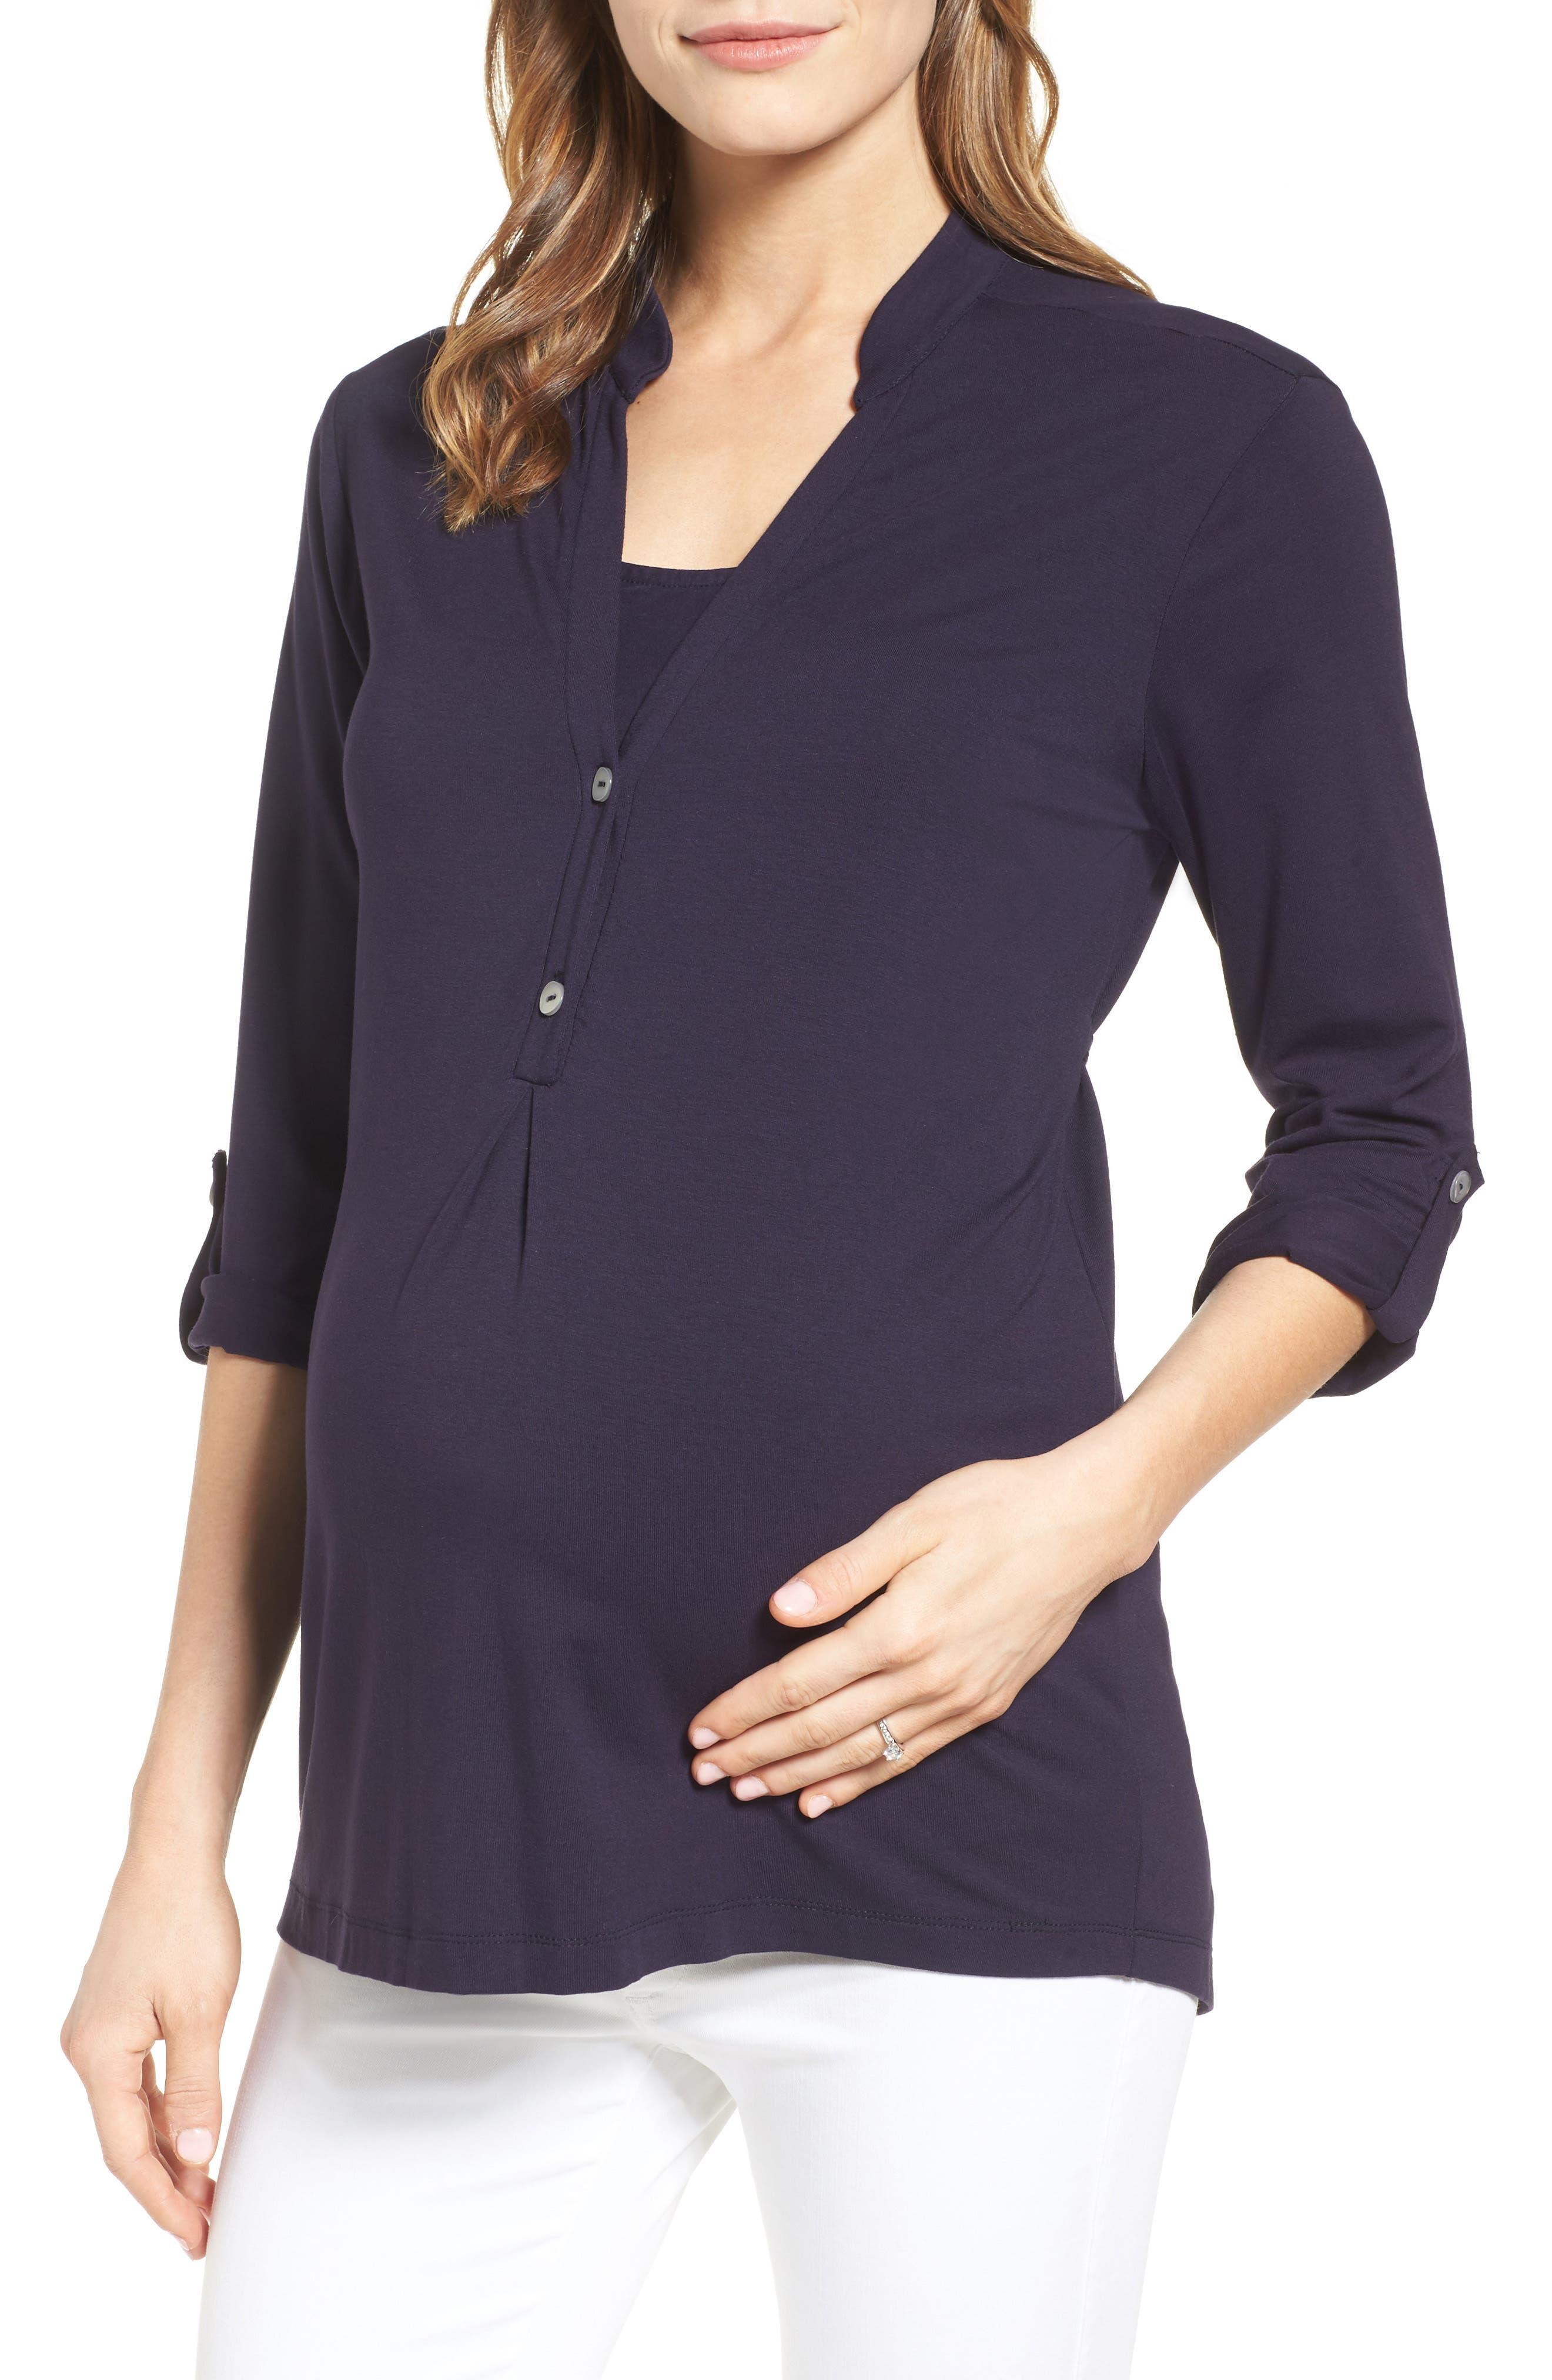 Lawson Maternity/Nursing Top,                             Main thumbnail 1, color,                             411